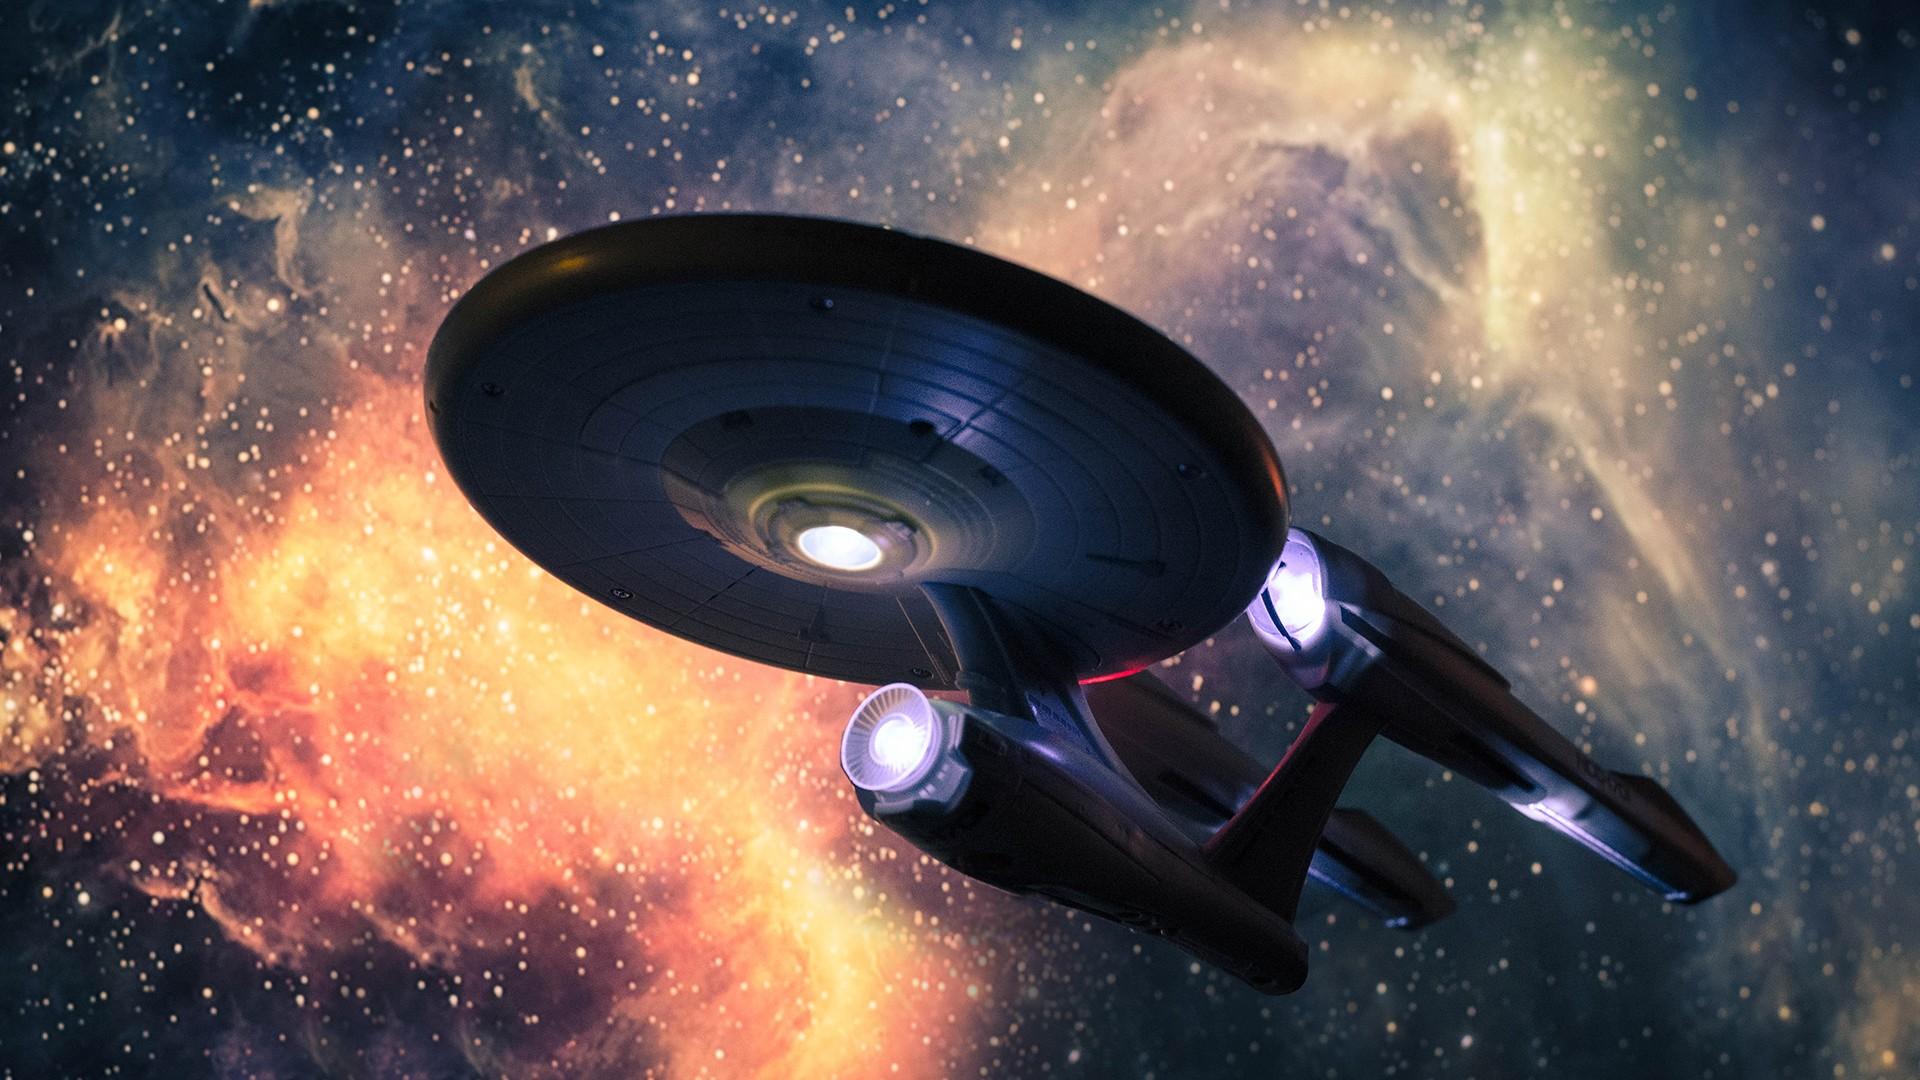 Star Trek Enterprise Walldevil 775687 Hd Wallpaper